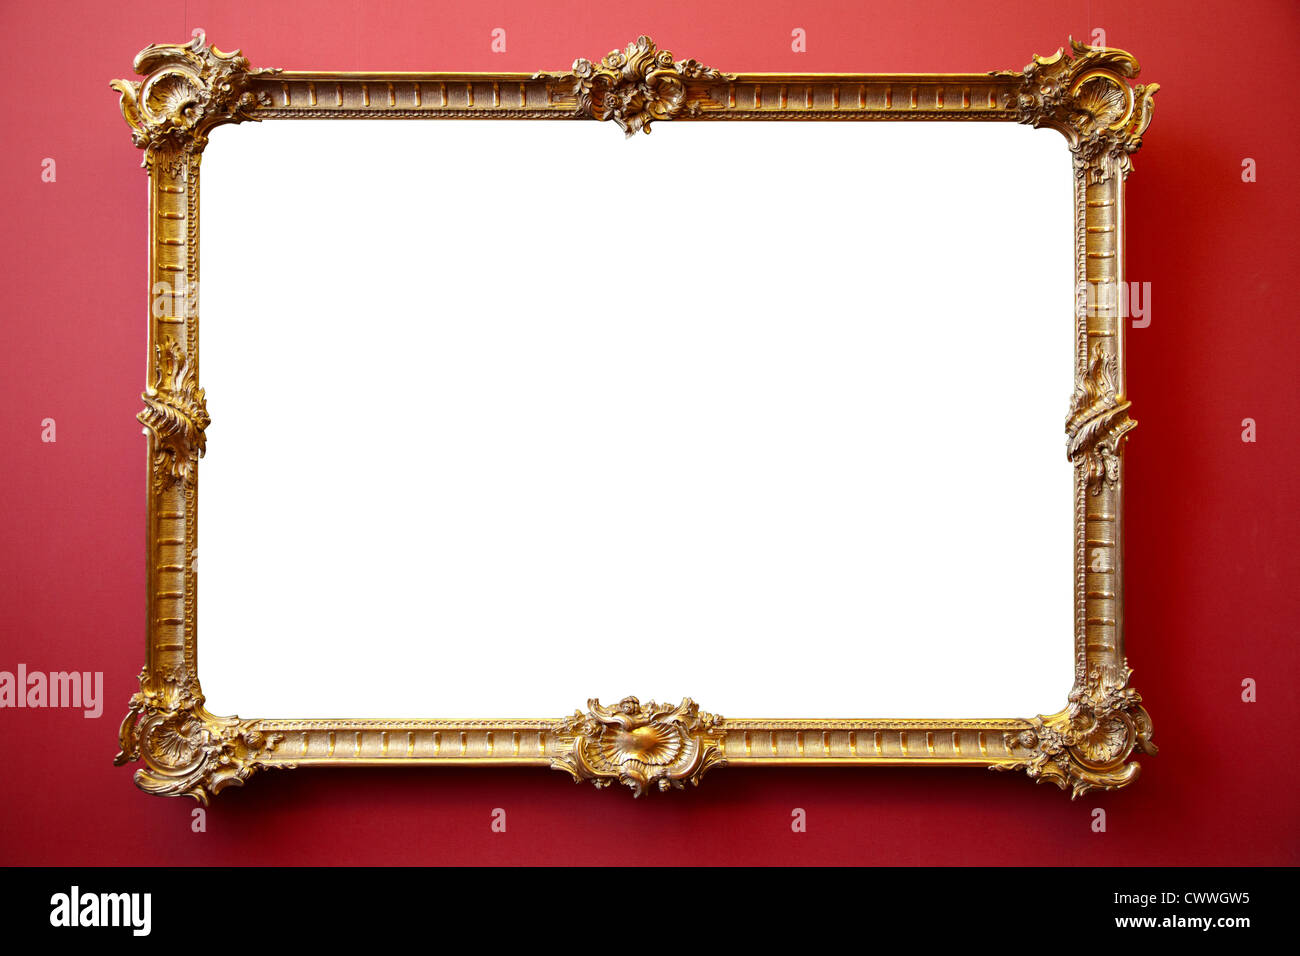 Gold von Bilderrahmen auf rot gestrichenen Wand Stockfoto, Bild ...